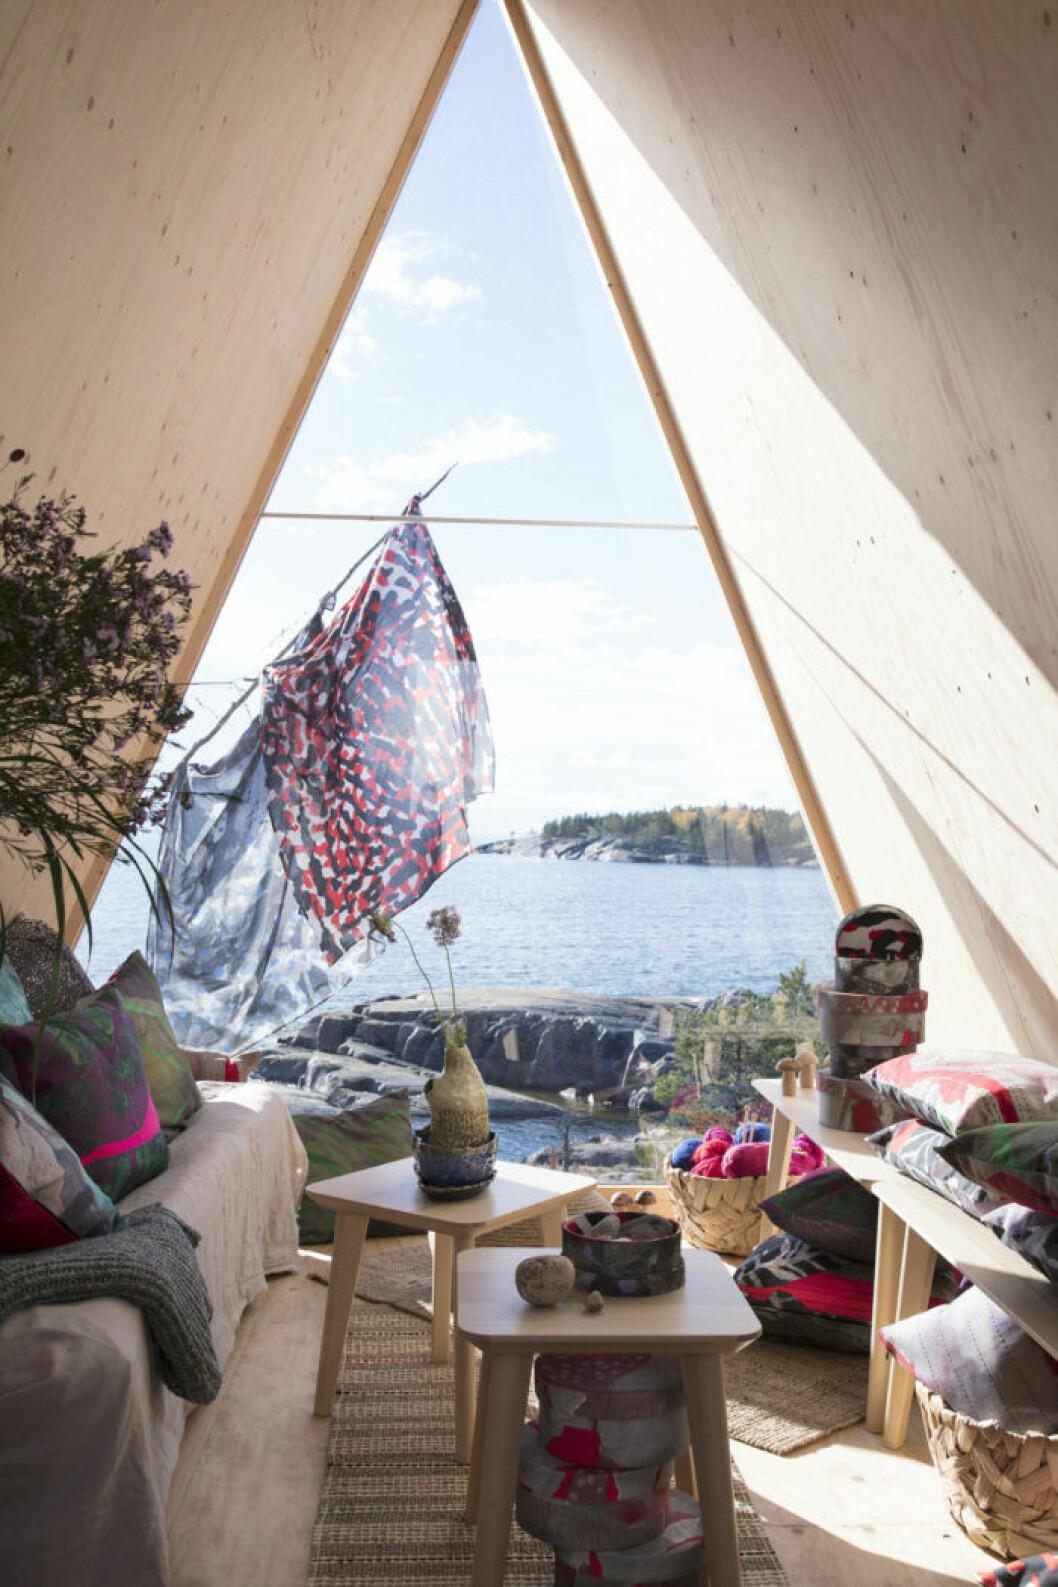 Ikea lanserar kollektionen Annanstans i samarbete med Martin Bergström